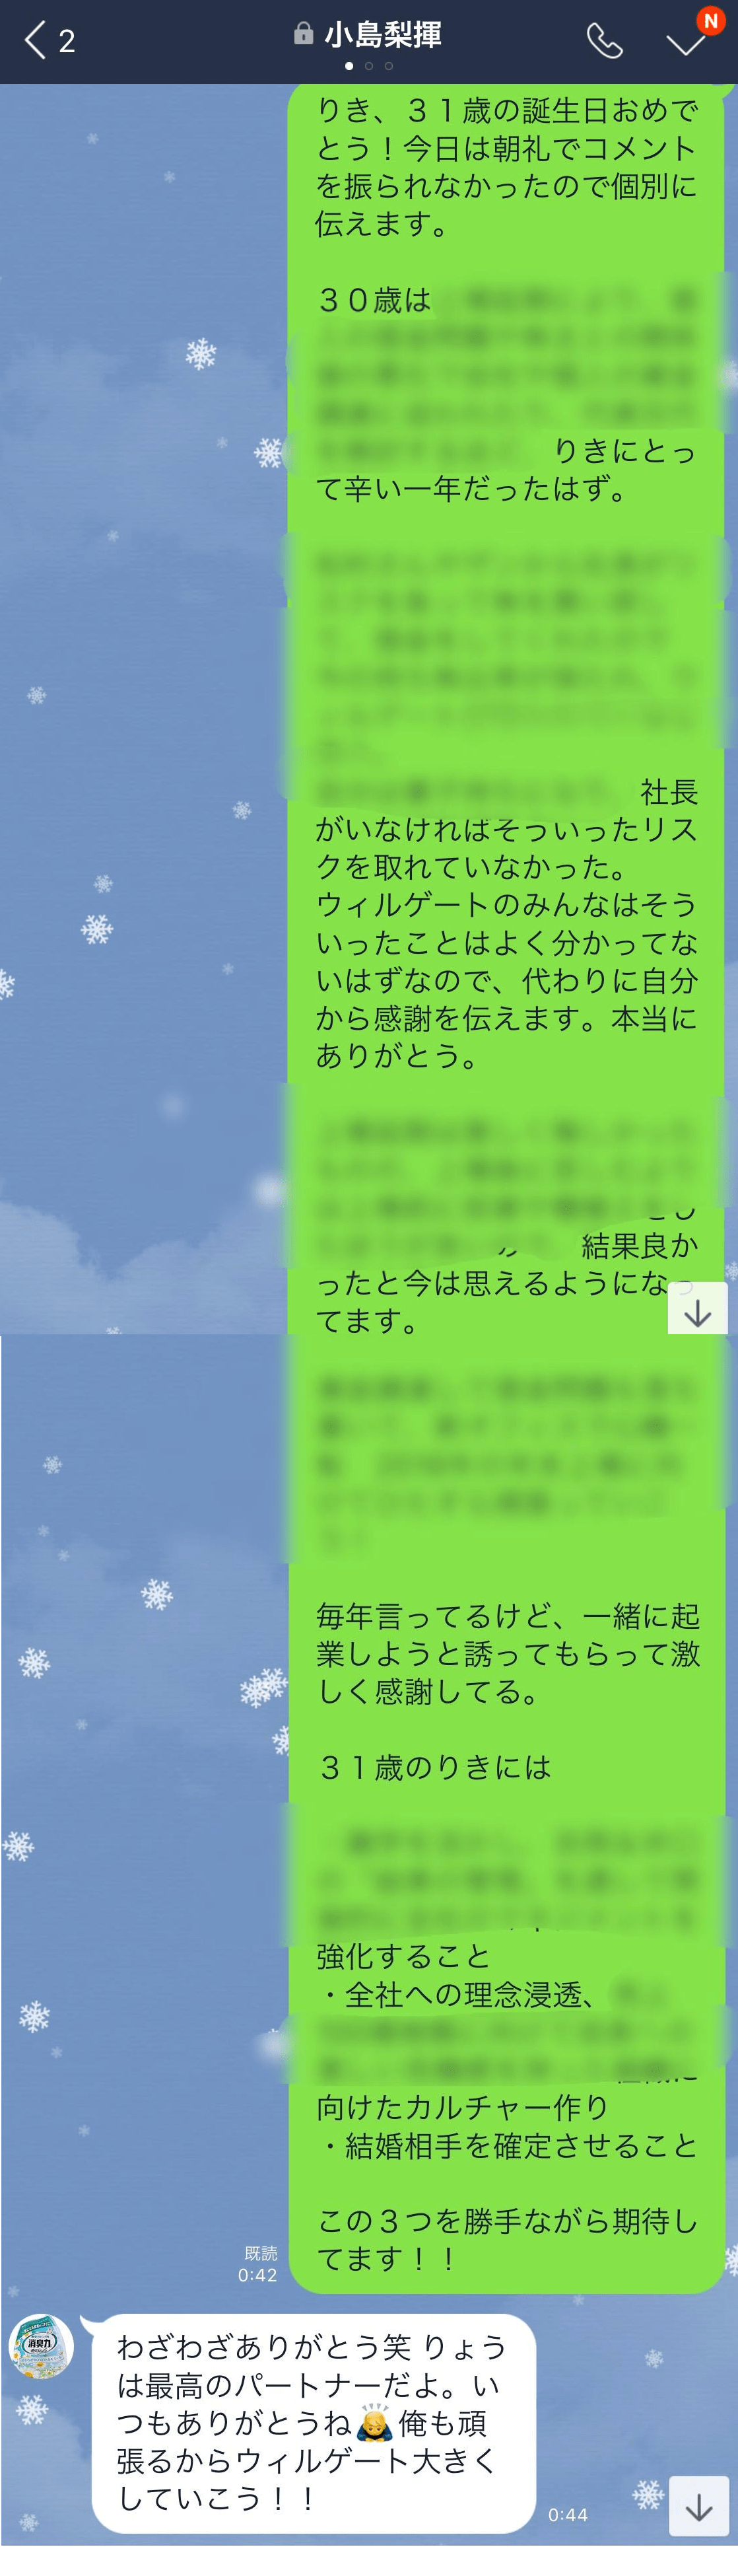 小島さんの誕生日に吉岡さんが送ったLINEメッセージ